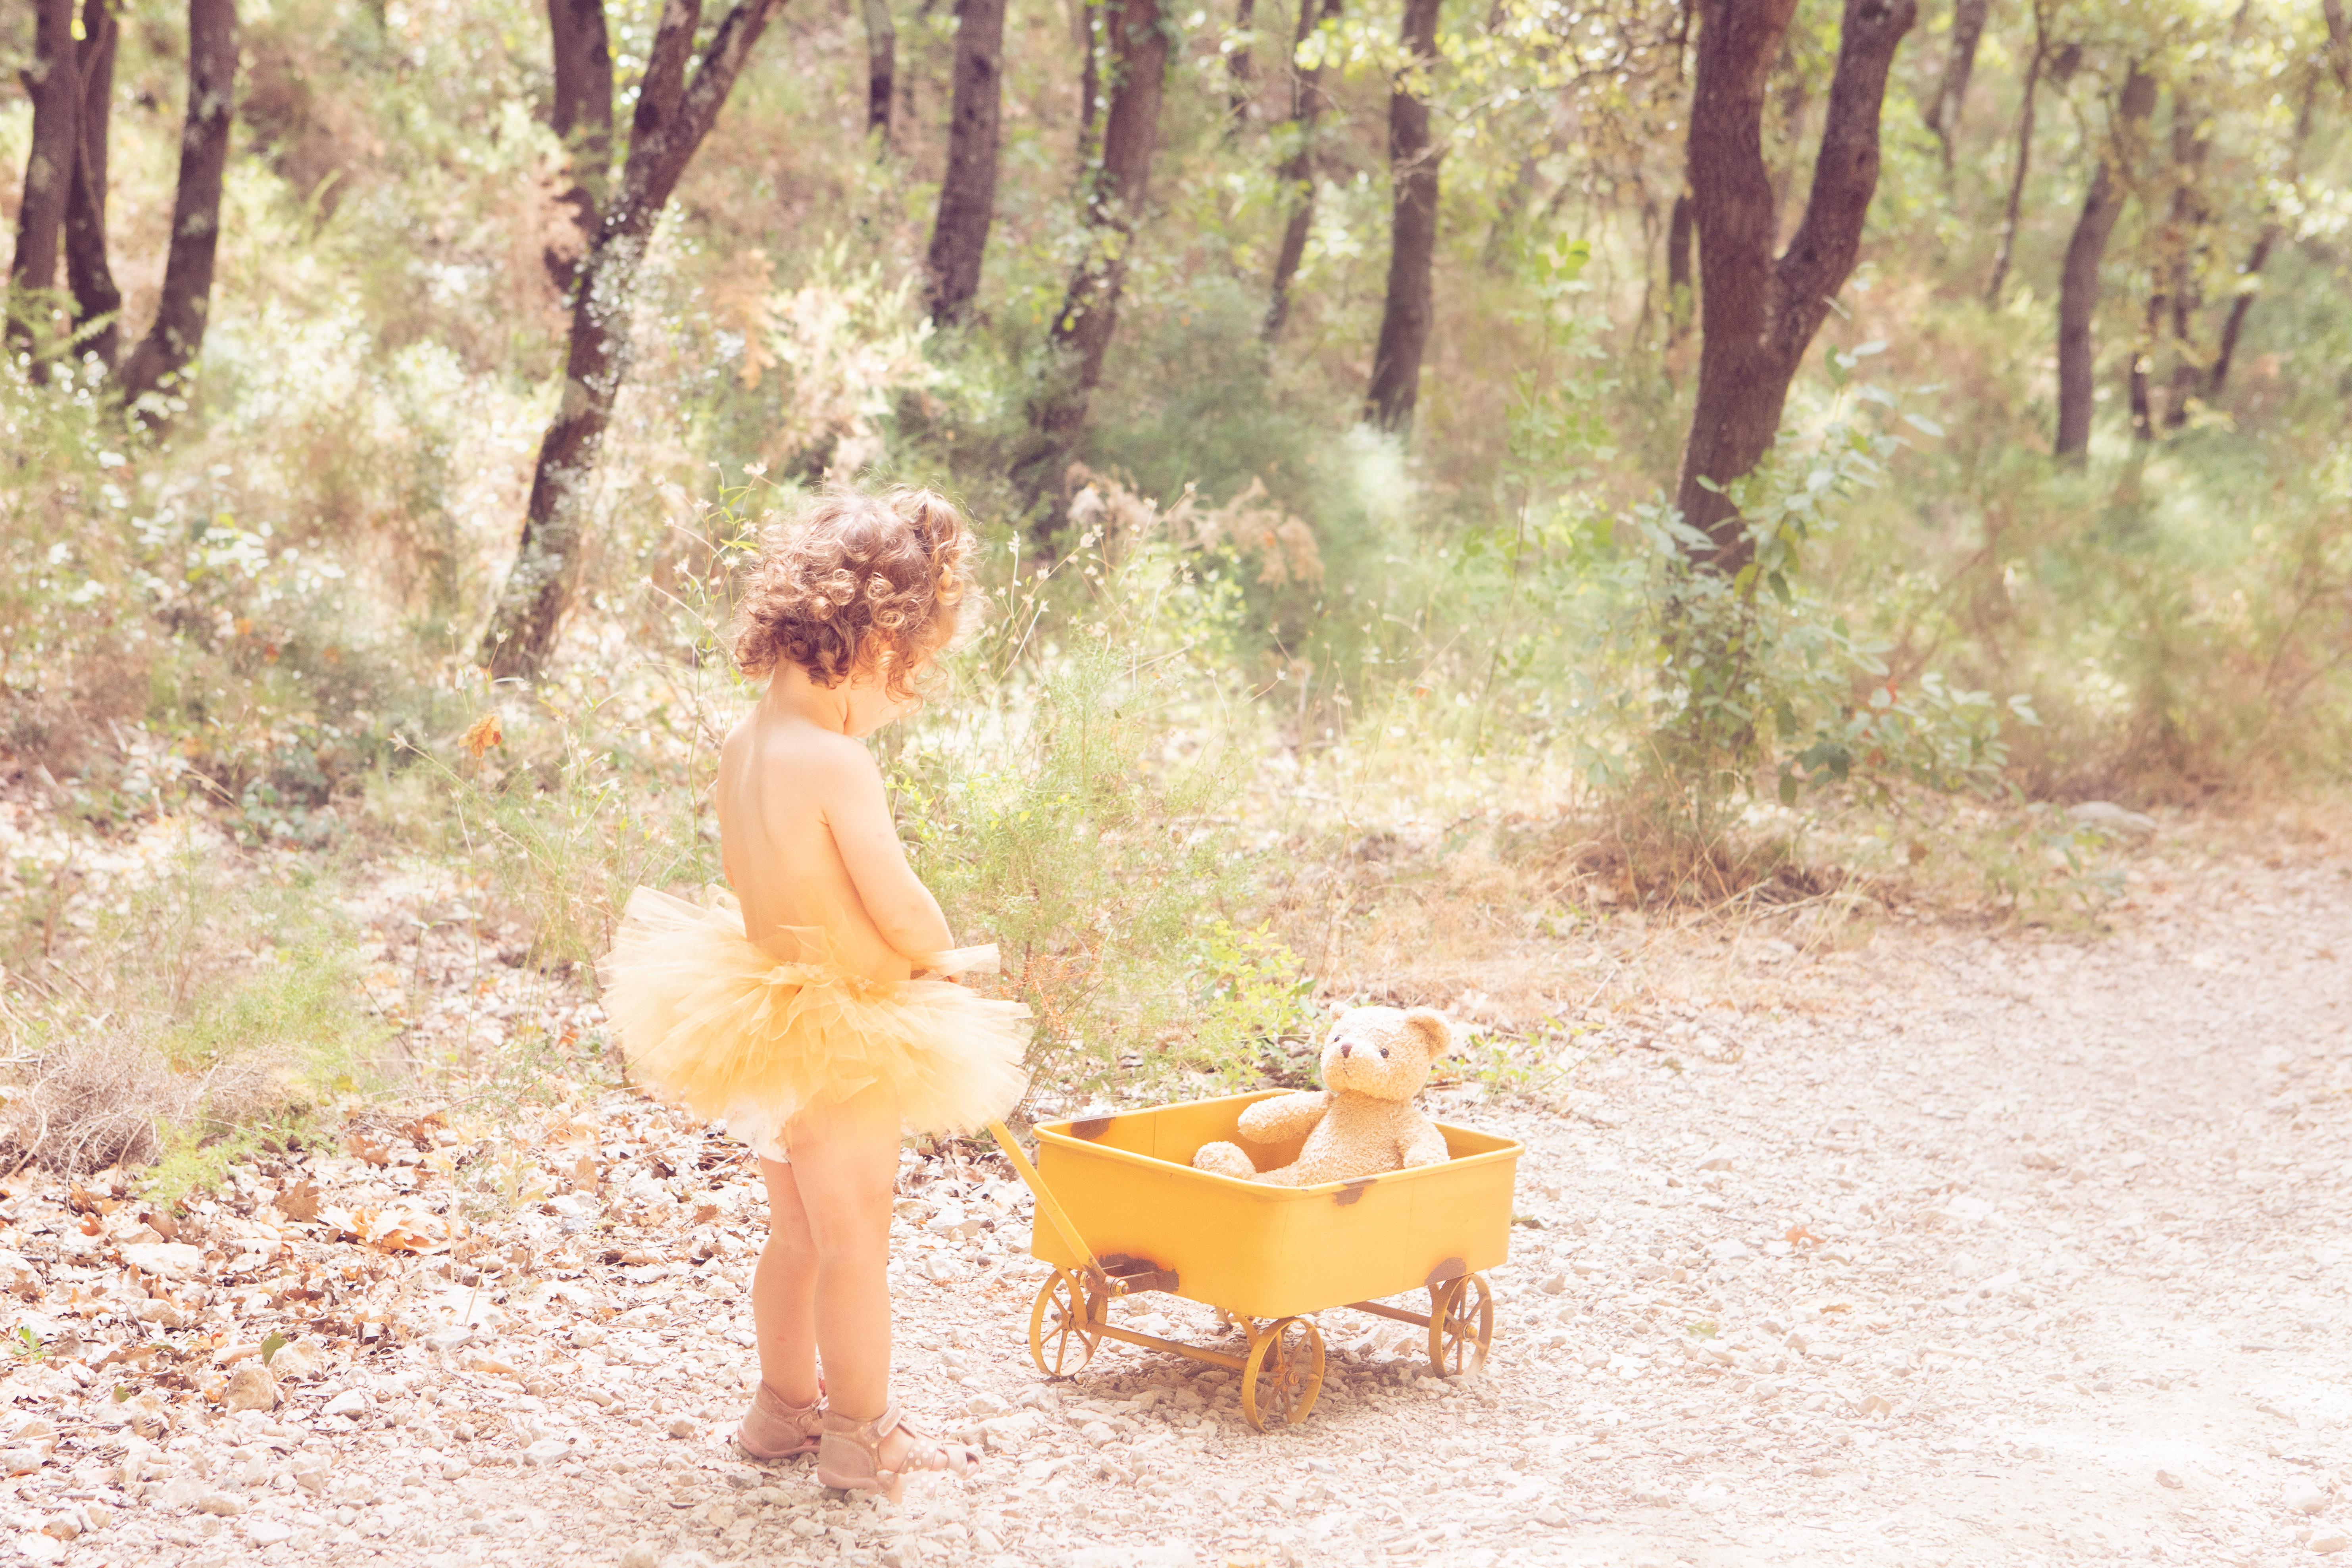 séance photo extérieur - Mélanie Durand photographe -photographe Aix en Provence- photographe professionnelle-séance photo enfant-page accueil-photo petite fille- little girl- photo automne- séance enfant -photographe spécialisée- photographe PACA- photographe Marseille- photographe Aubagne- photographe Aubagne-photographe Velaux